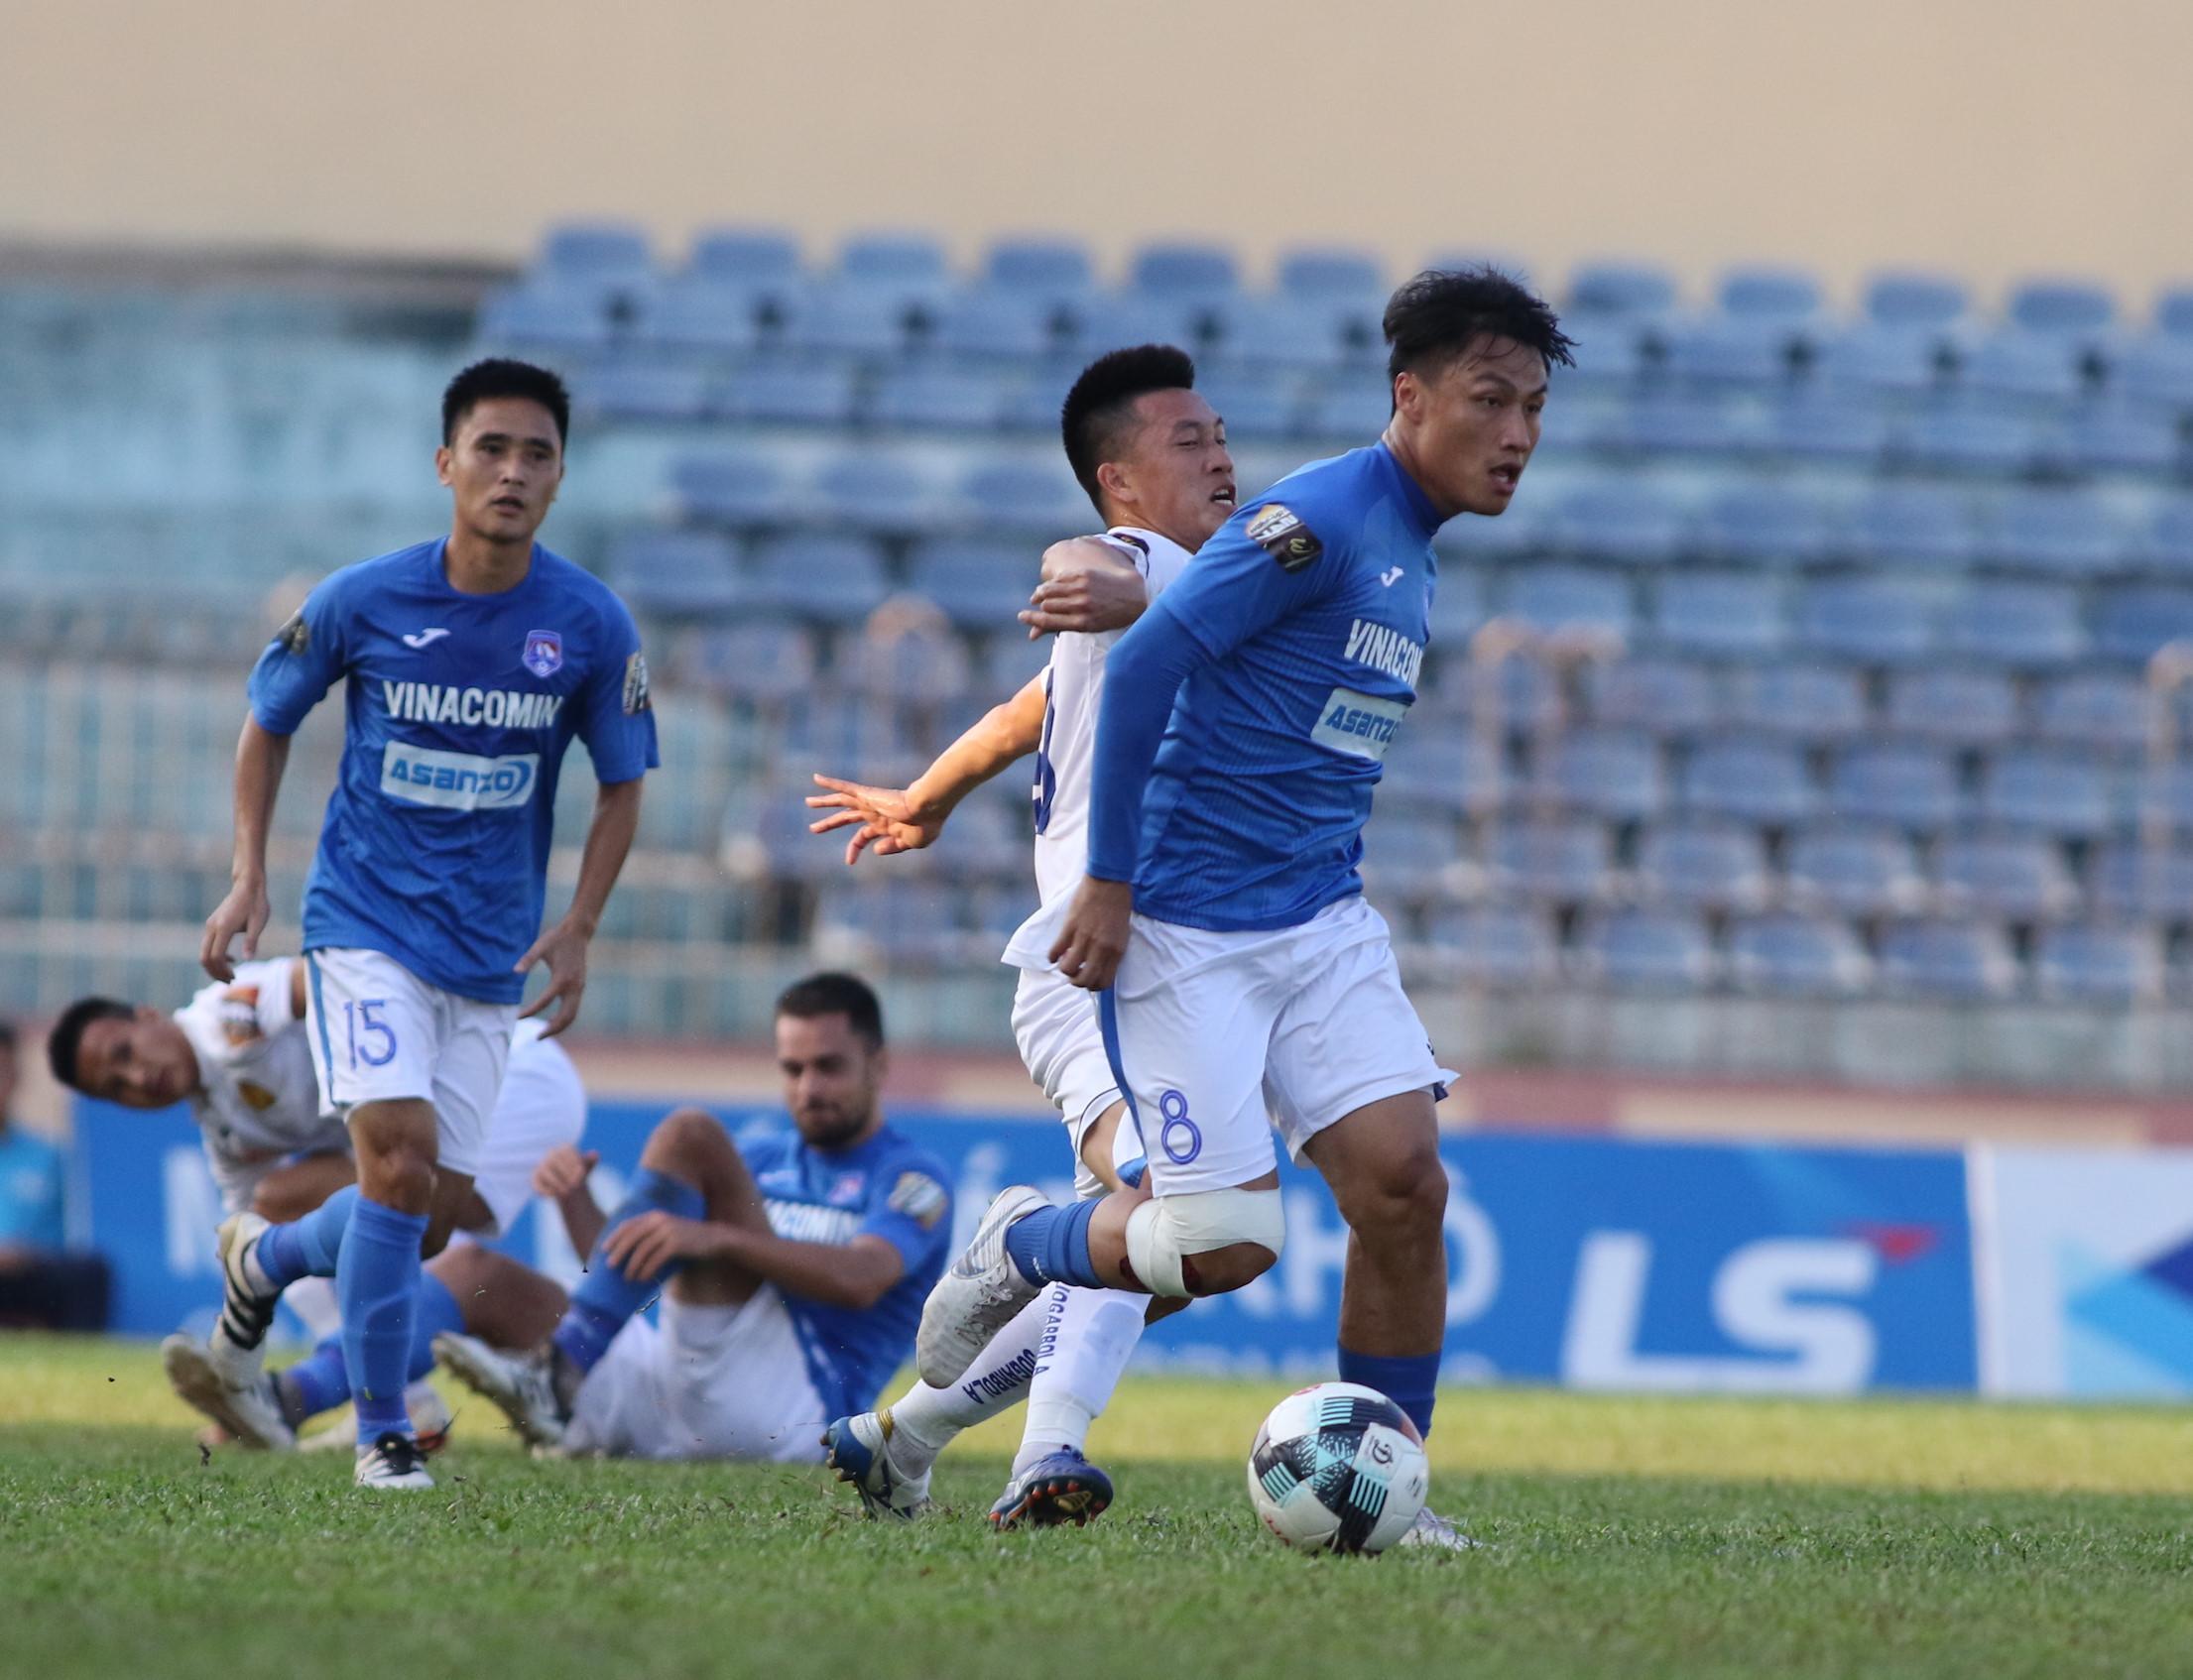 Mạc Hồng Quân giúp Than Quảng Ninh đánh bại cựu vương V-League Ảnh 1